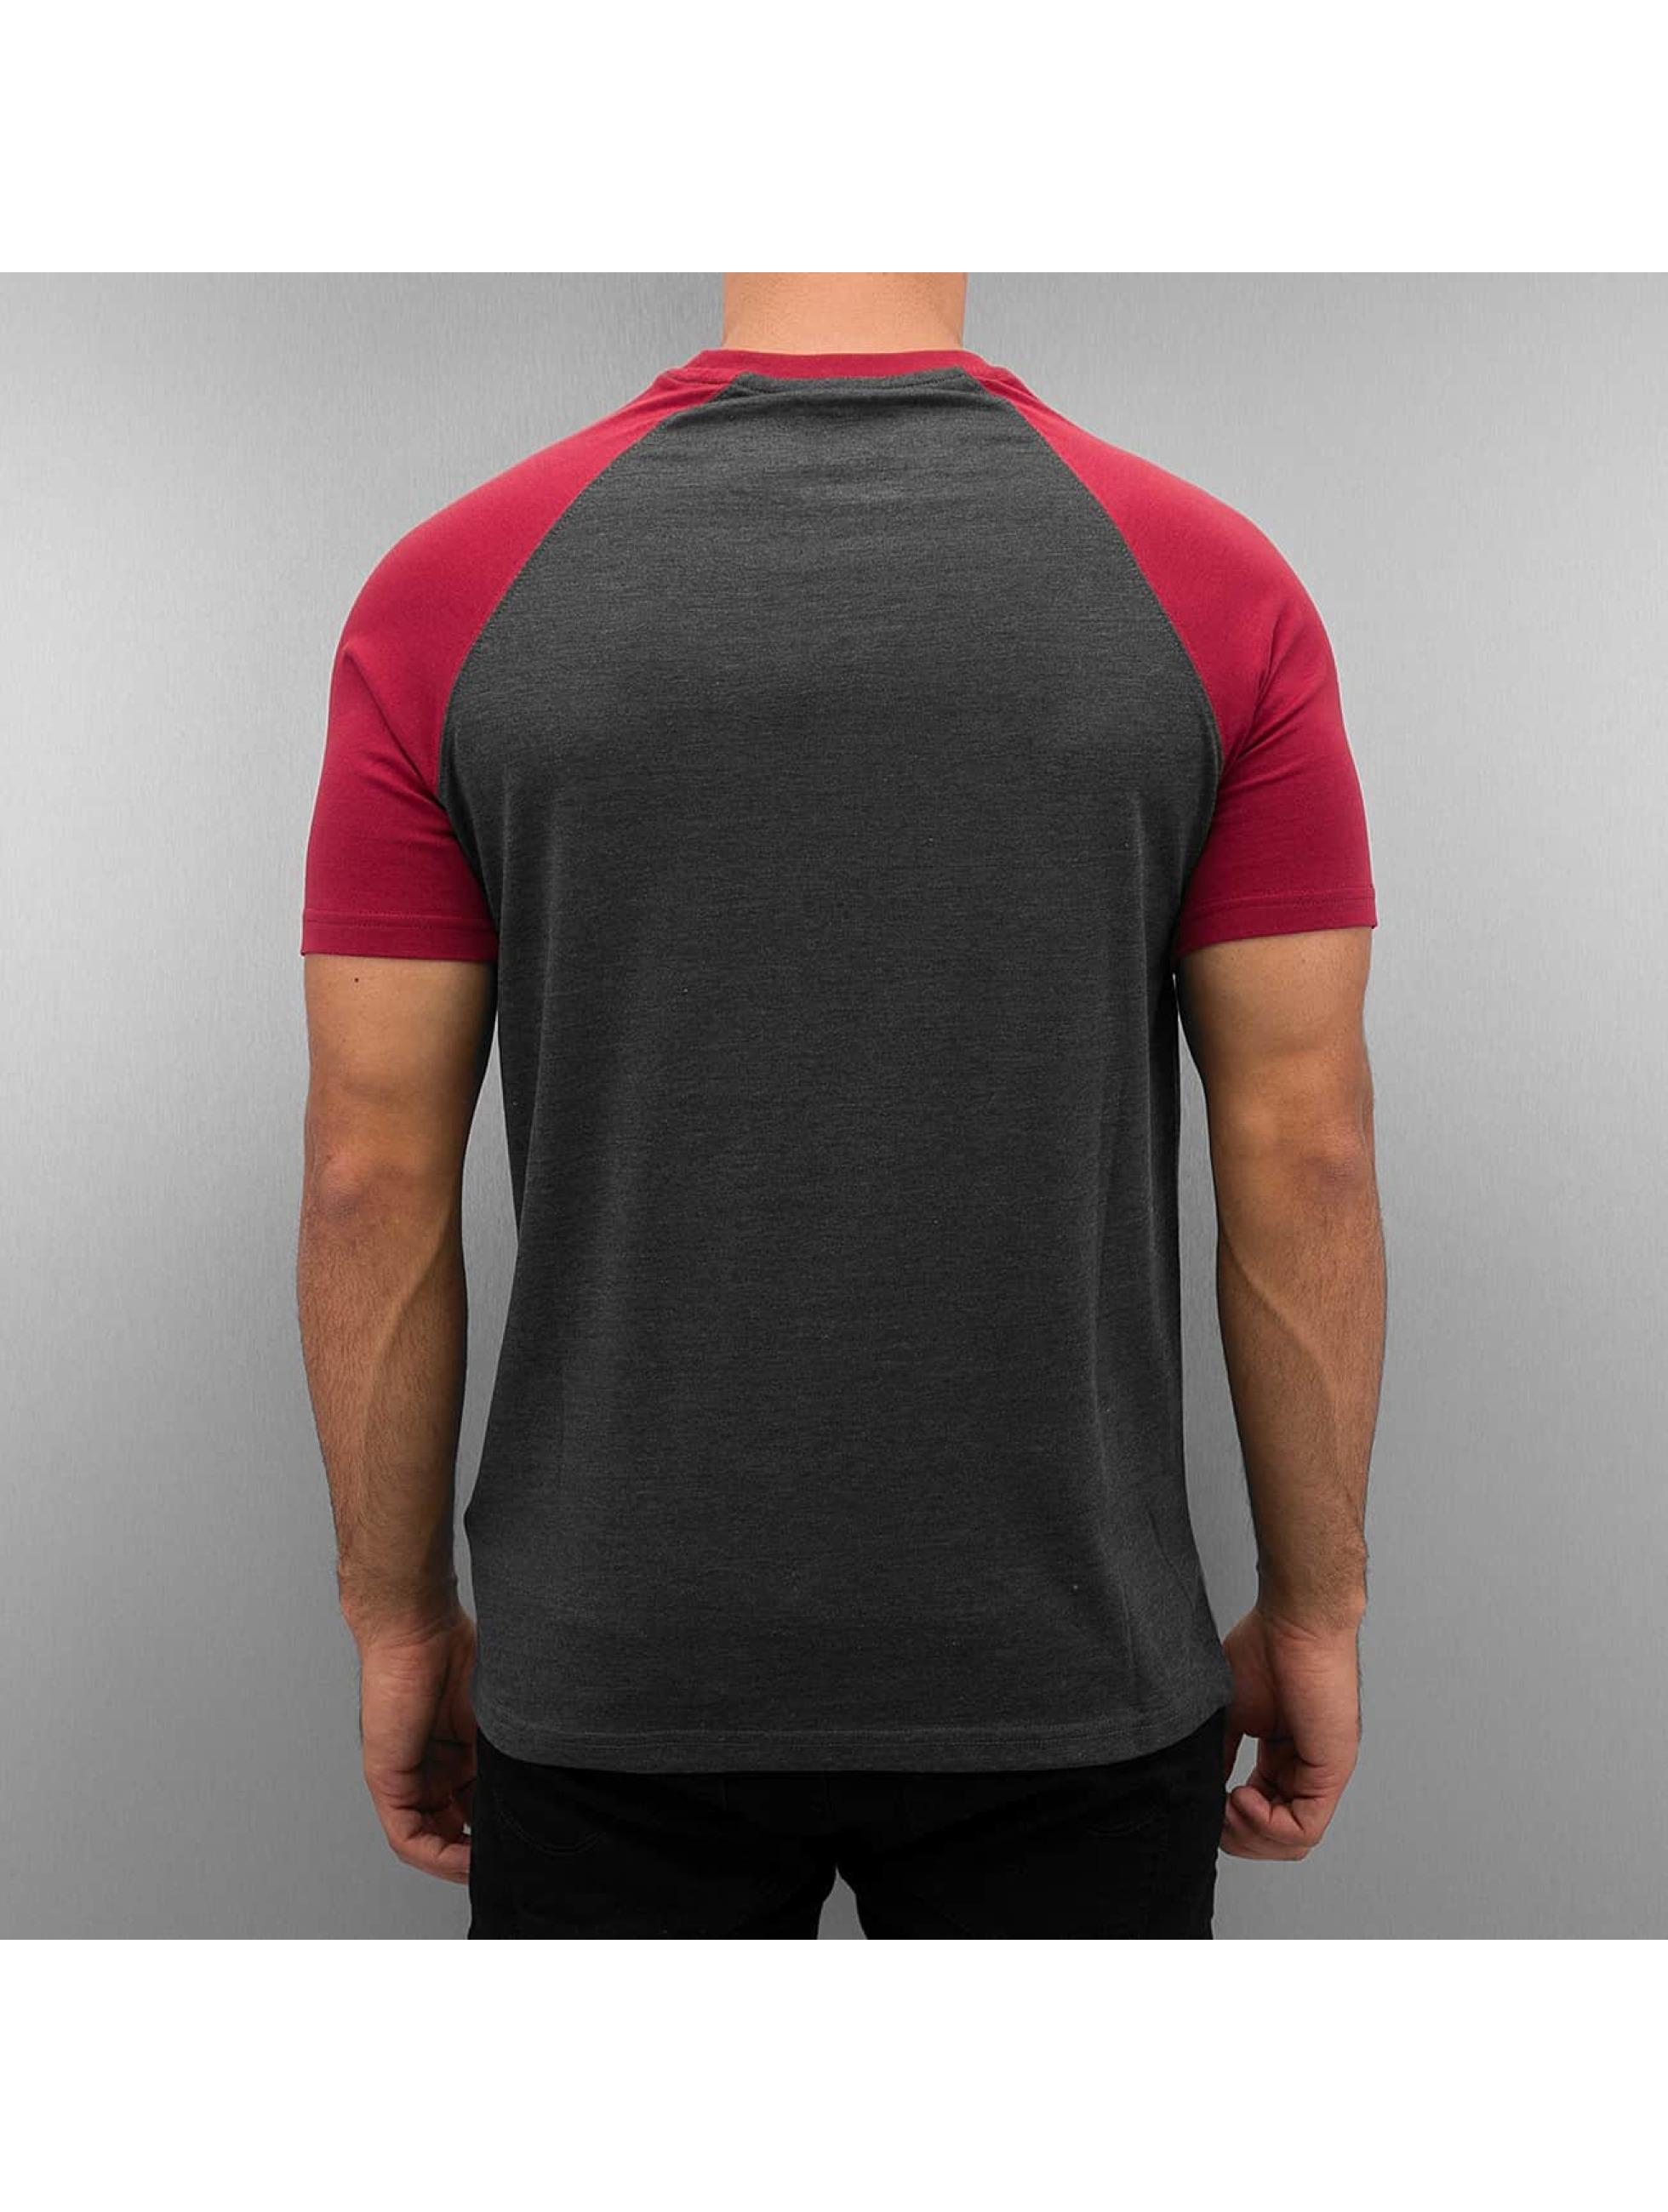 Cyprime t-shirt Raglan rood